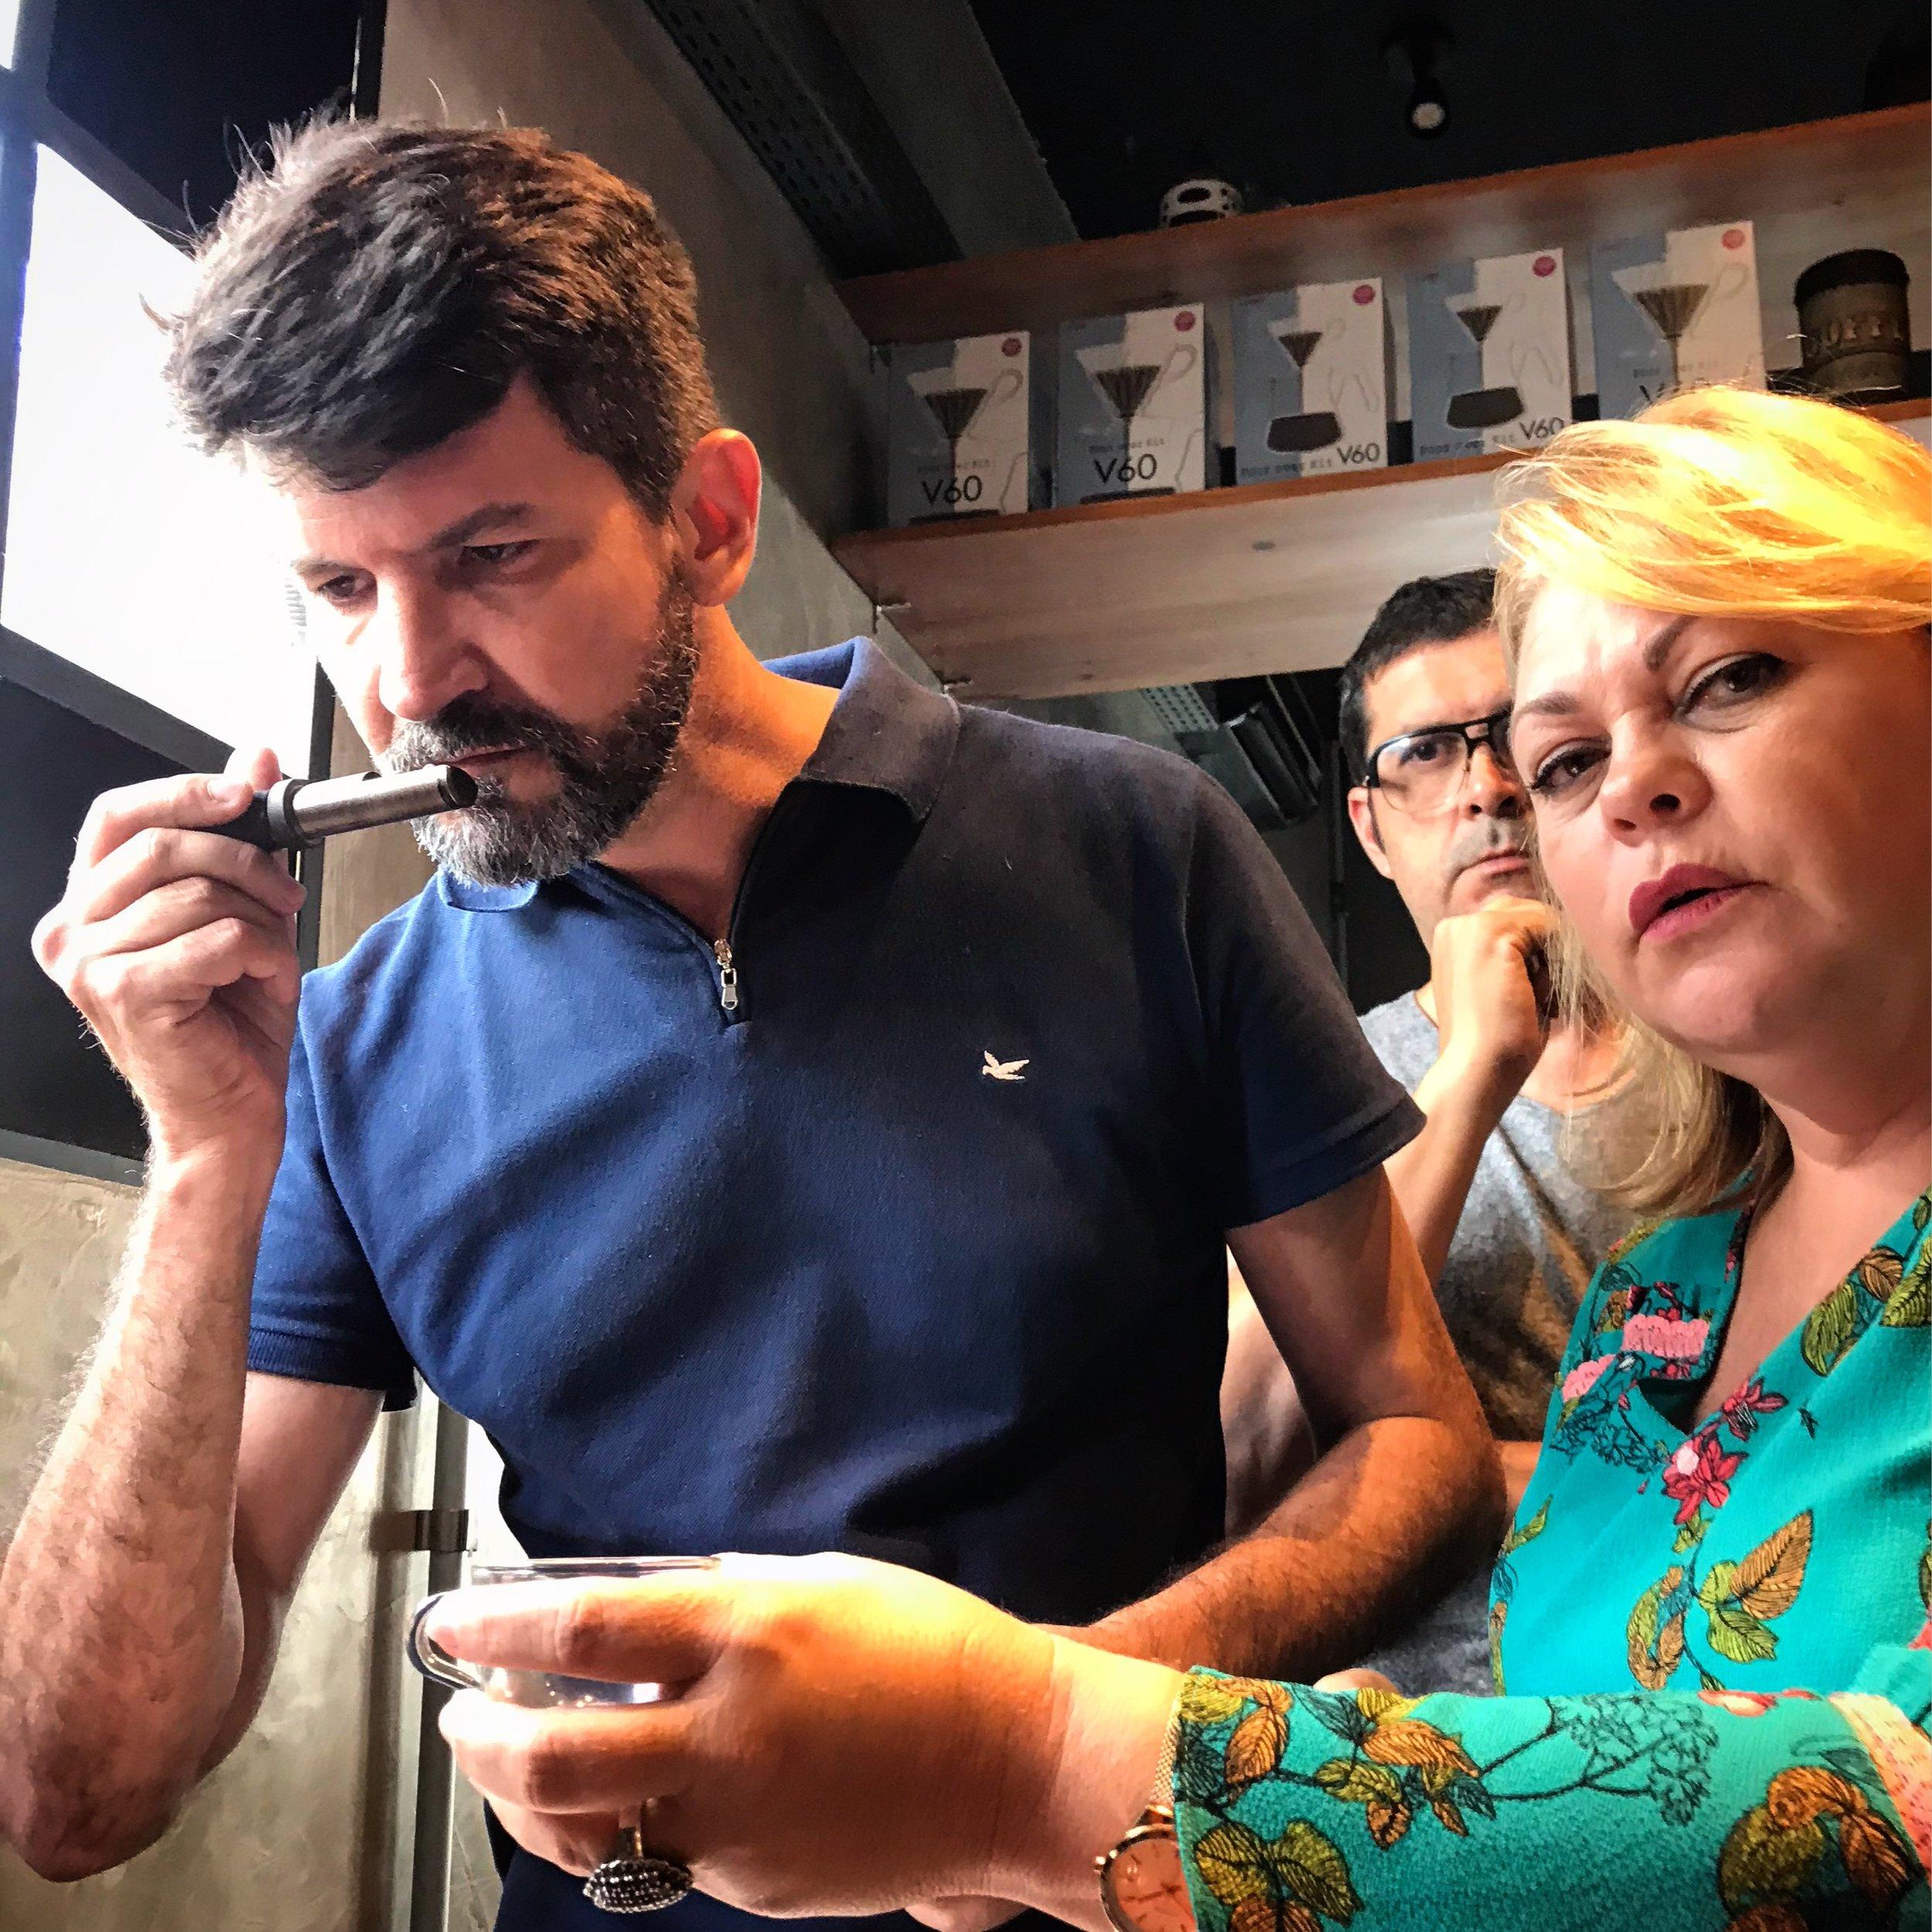 Ciência da Torra do Café, turma 01, Fábrica Conhecimento, Recife, PE